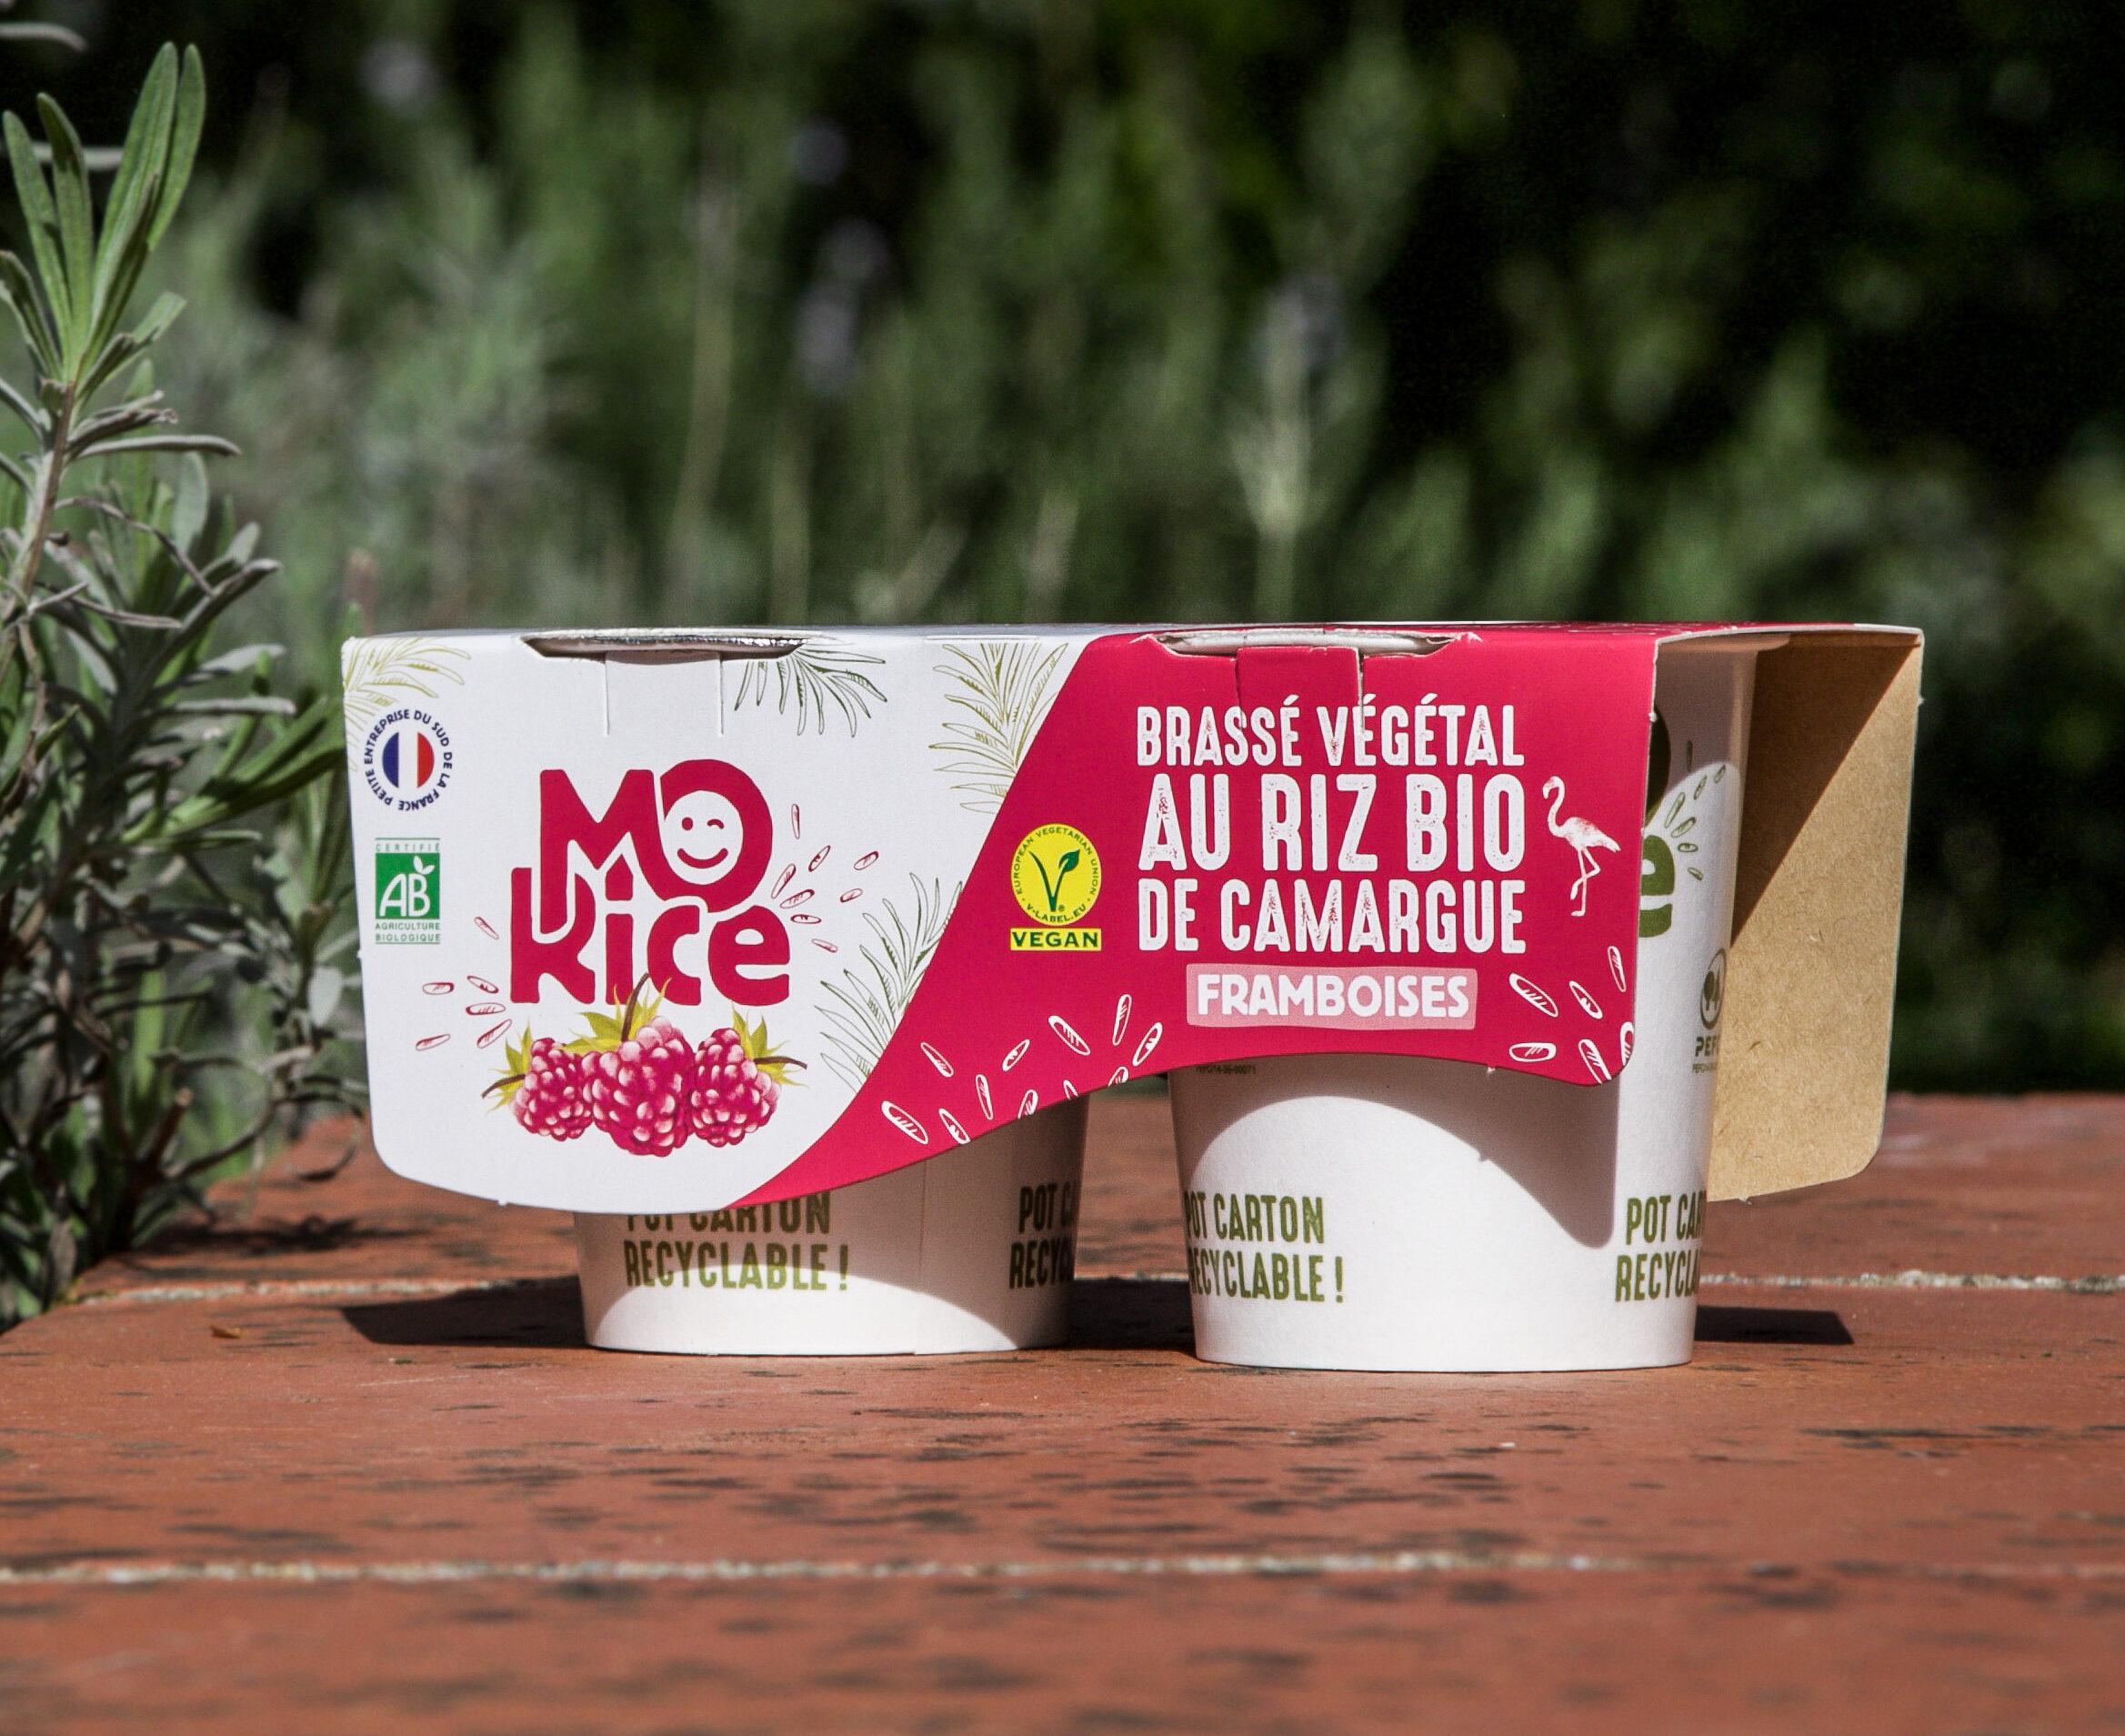 Brassé végétal Mo'Rice à la Framboise - Producto